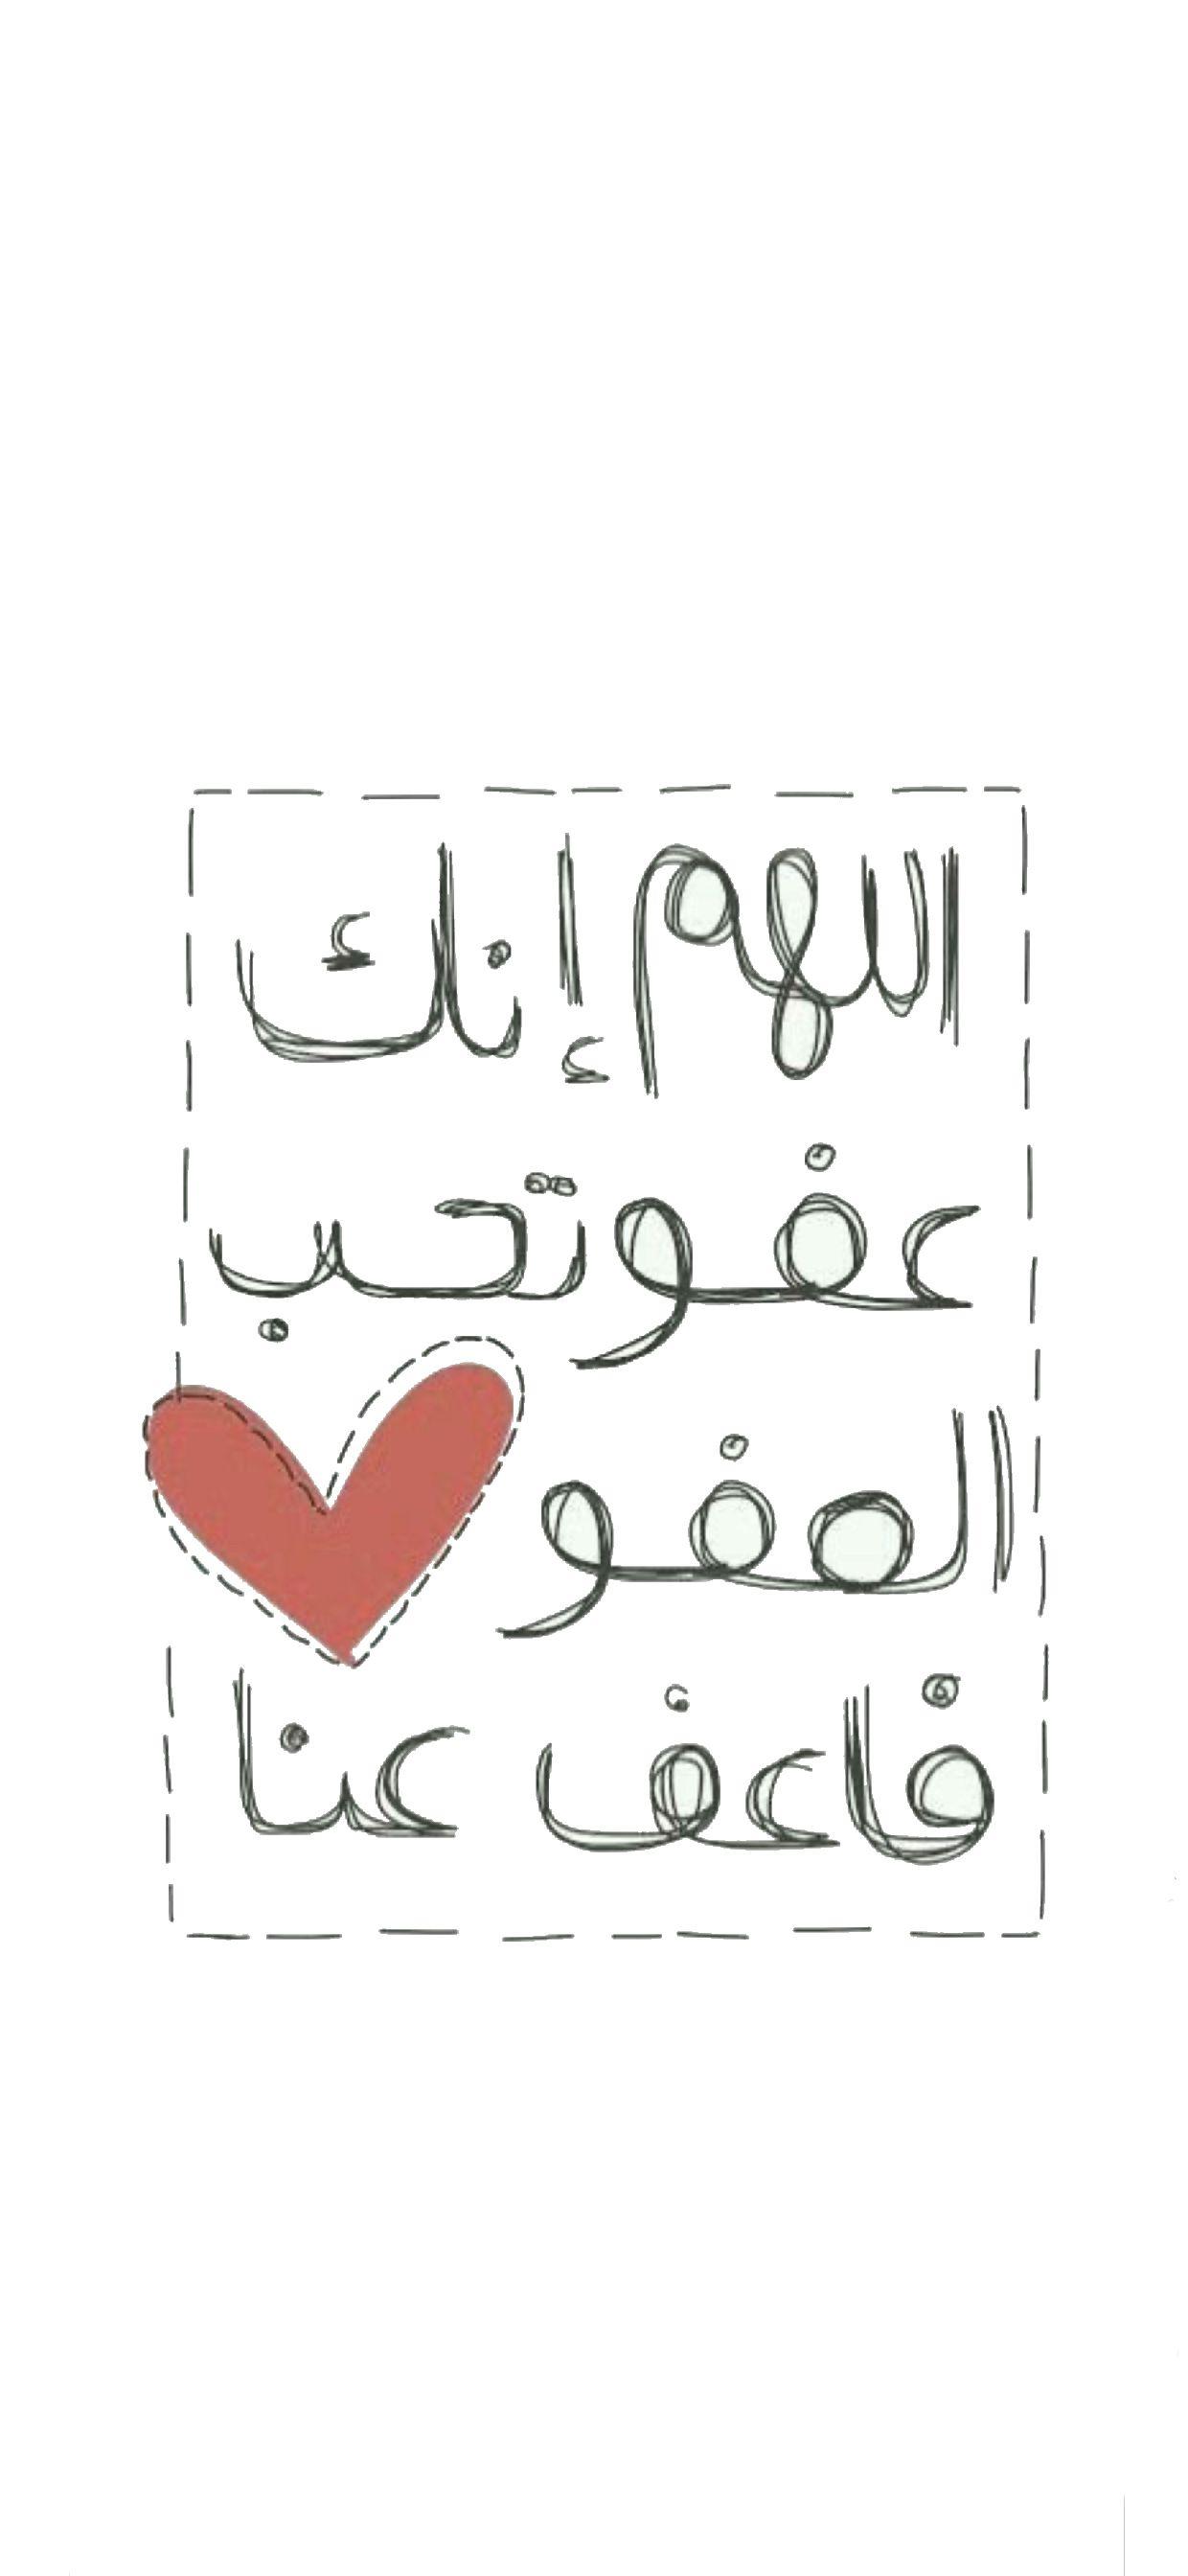 السعوديه الخليج رمضان الشرق الأوسط سناب كويت فايروس كورونا تصميم شعار لوقو دعاء Funny Arabic Quotes Arabic Quotes Beyblade Characters